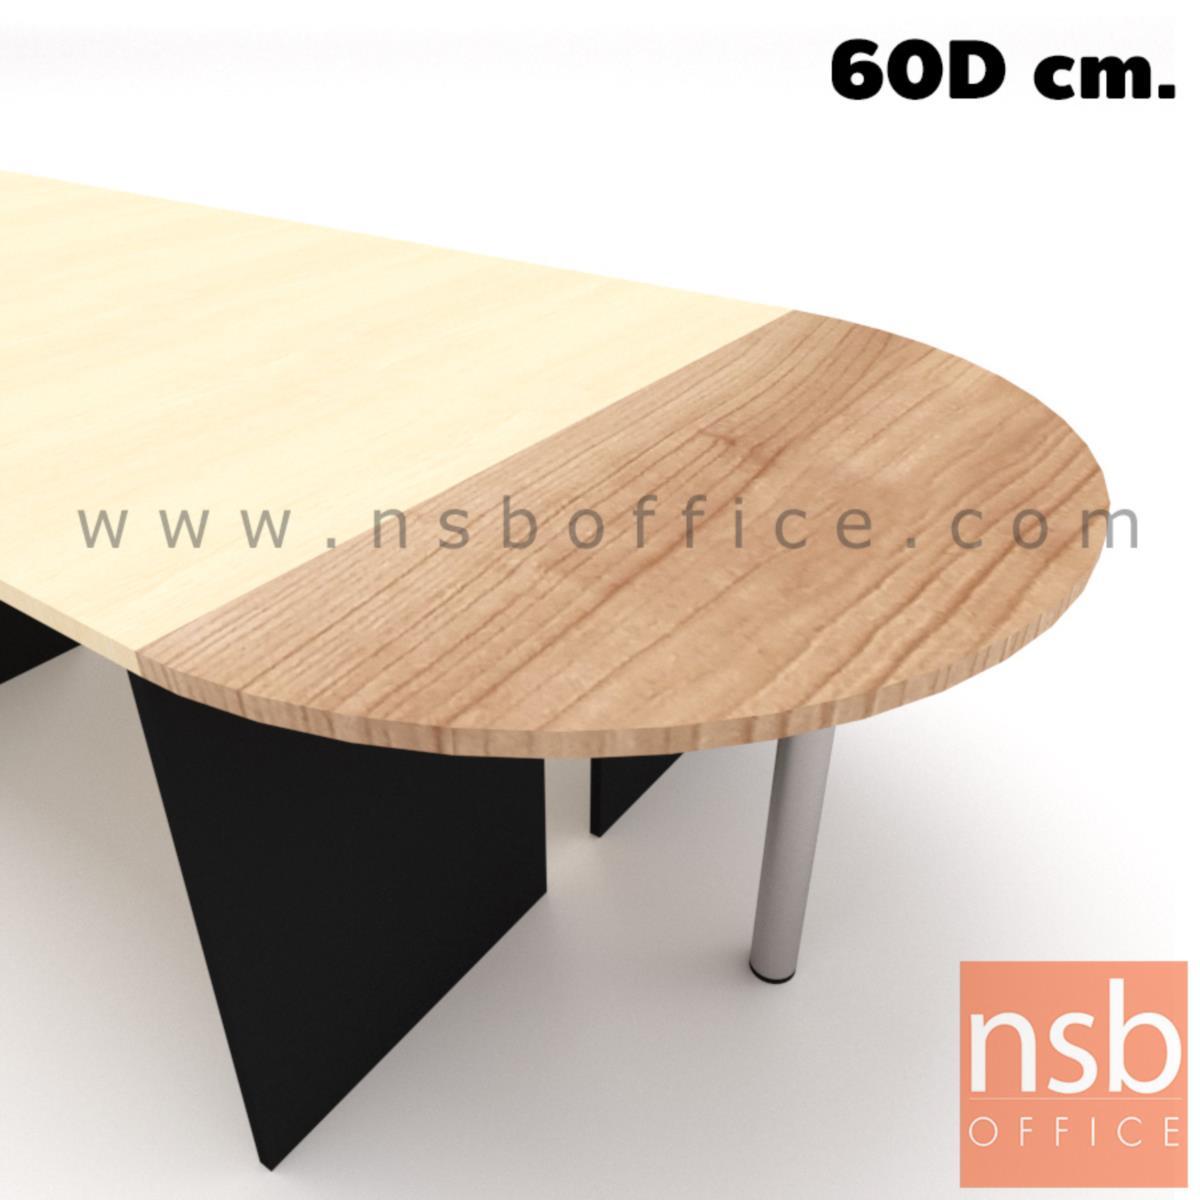 โต๊ะเข้ามุมครึ่่งวงกลม รุ่น Hendrix (เฮนดริกซ์) ขนาด 120W, 150W, 160W*60D cm. เมลามีน ขากลมโครเมี่ยม